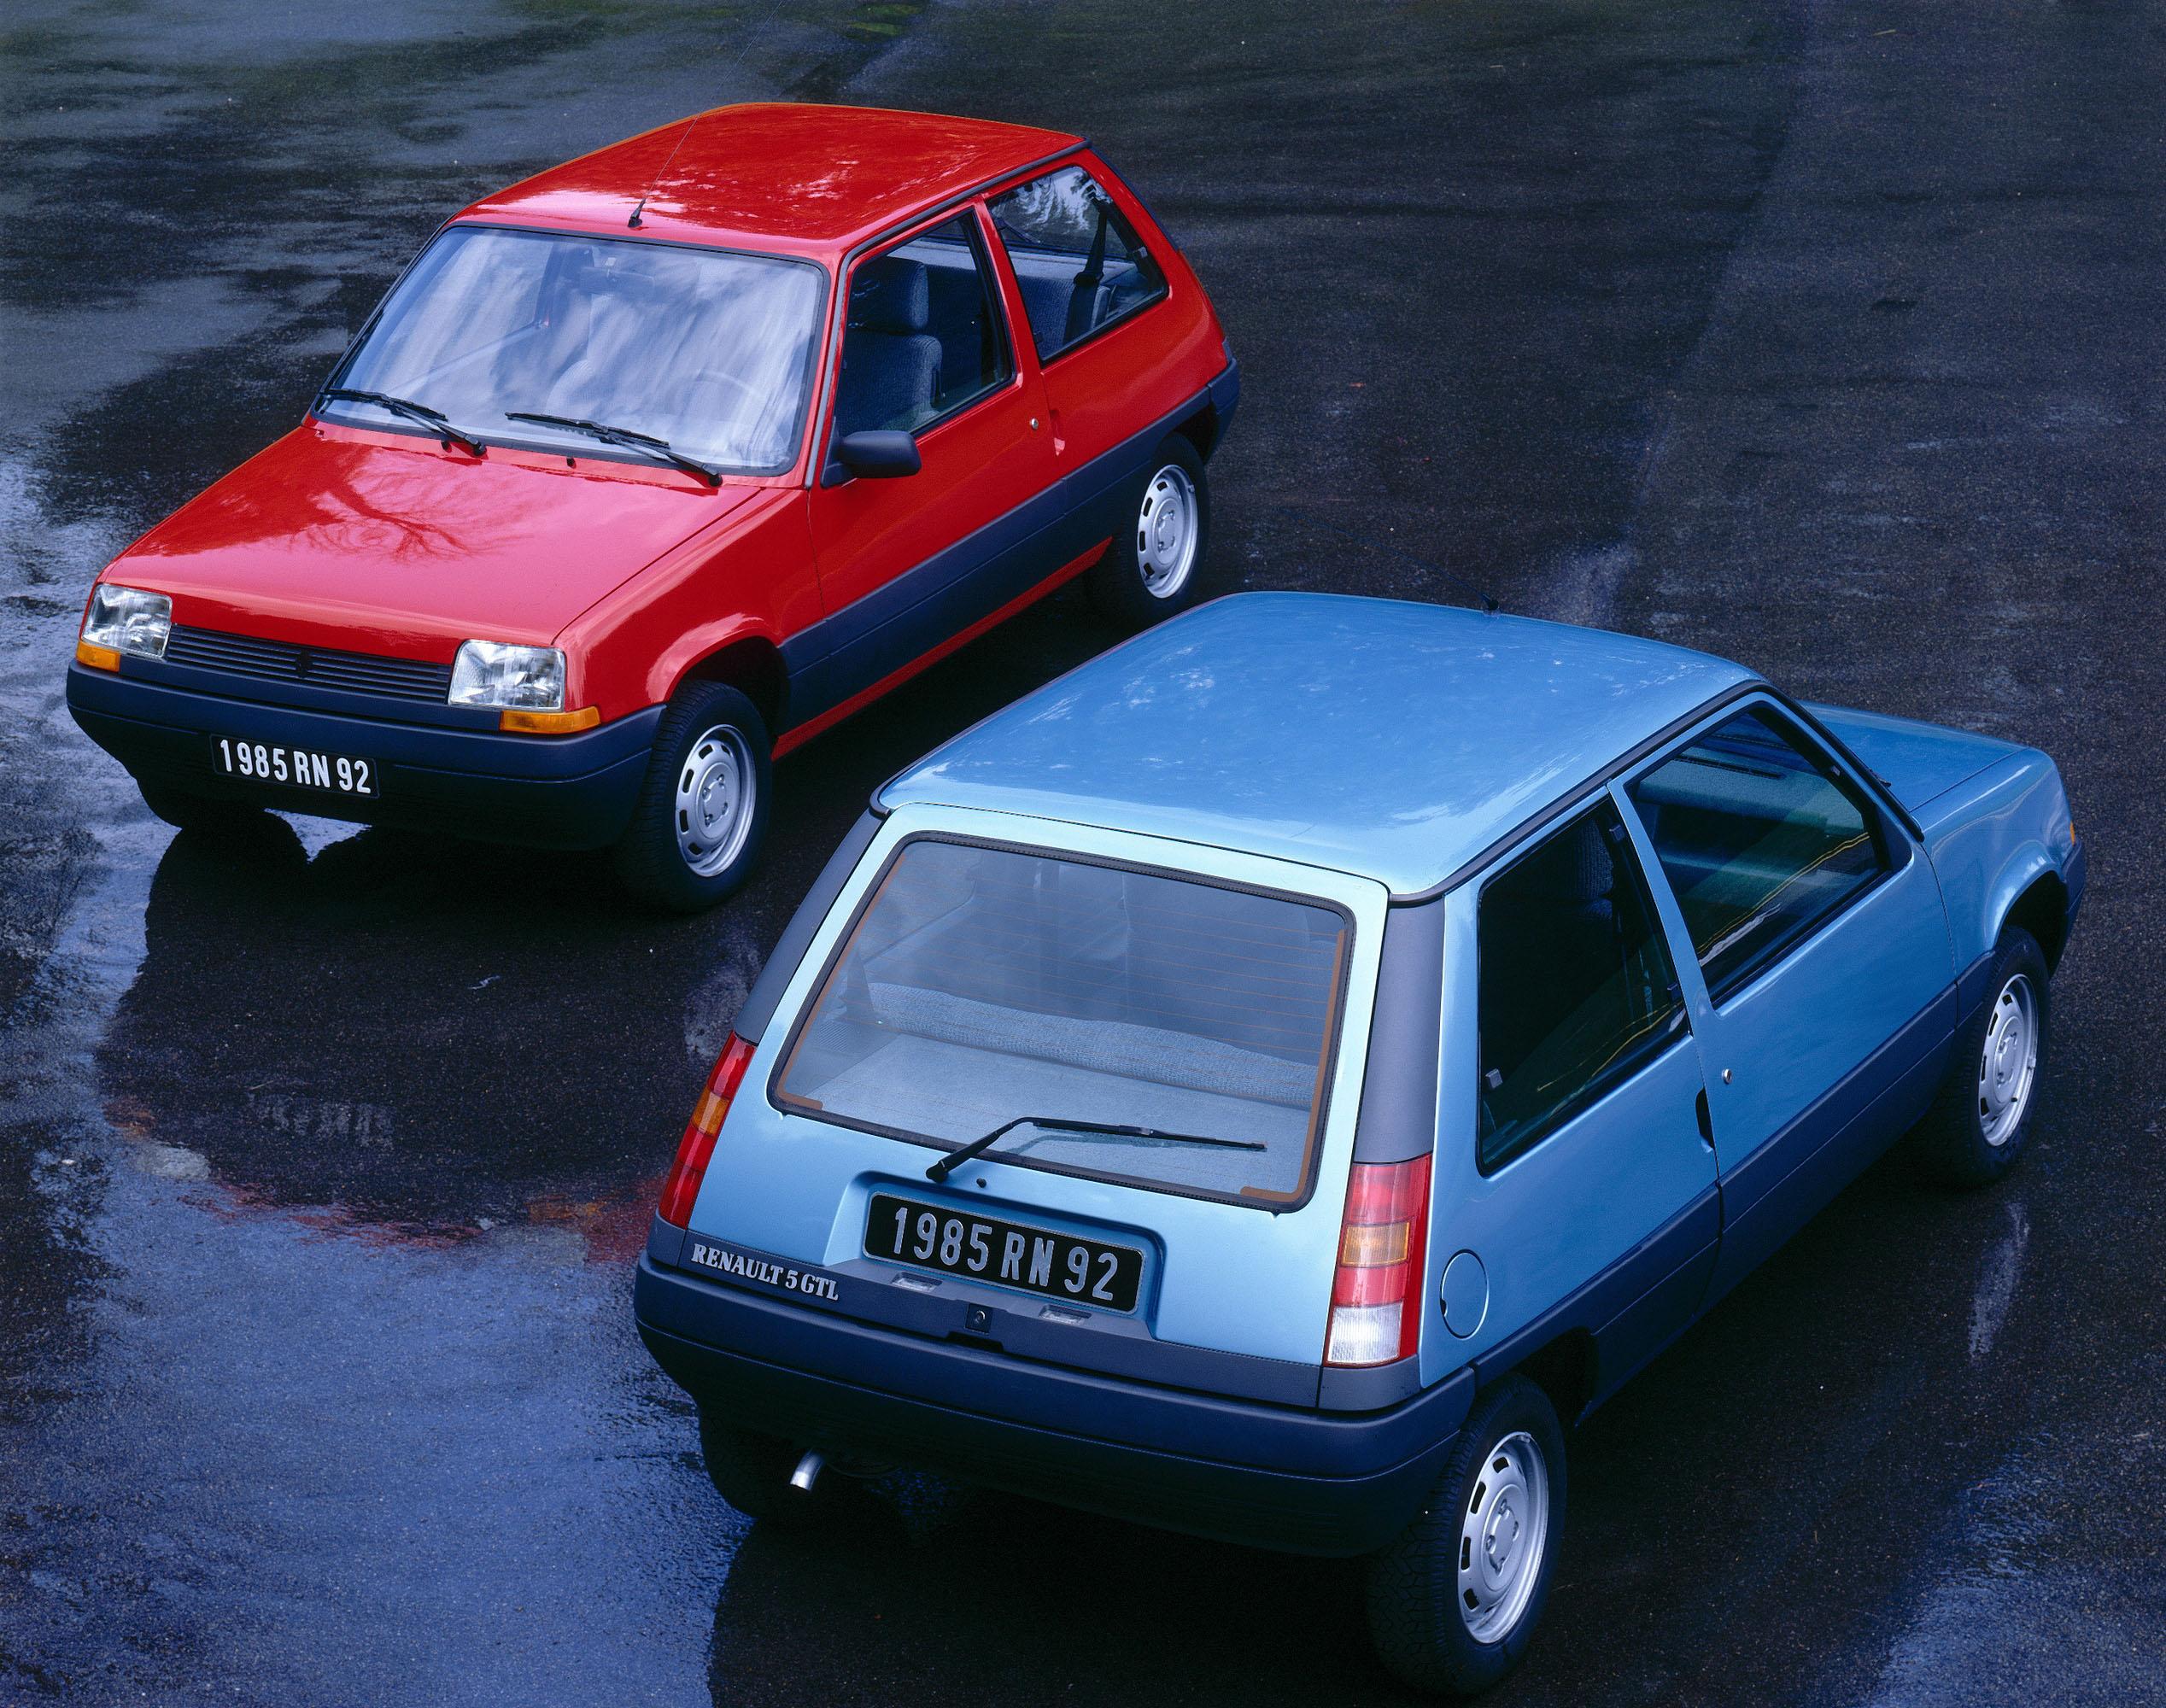 Renault 5 photo #1